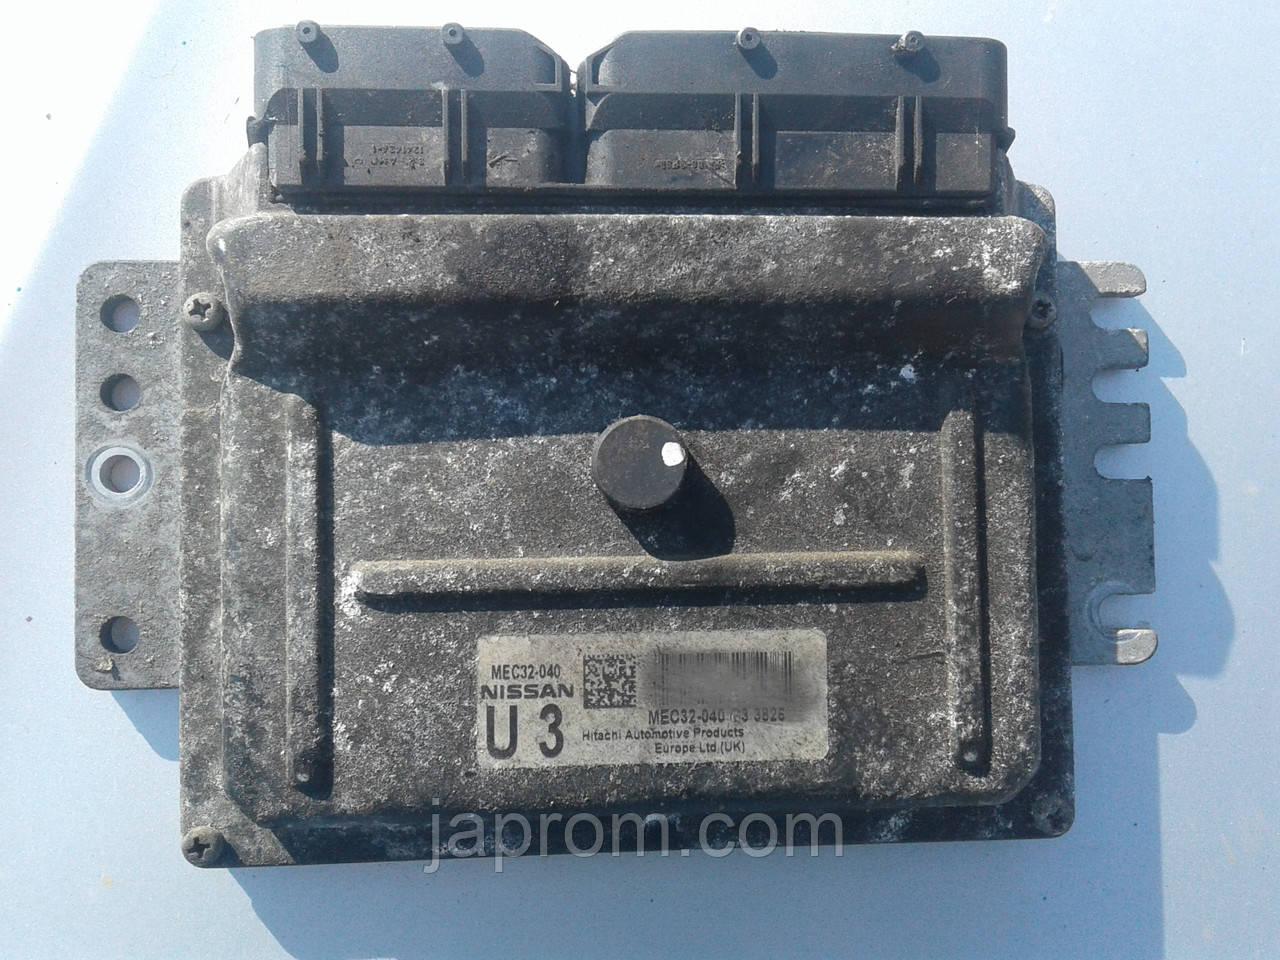 Блок управления двигателем Nissan Micra K12 2002-2010г.в. 1.2 16V MEC32-040